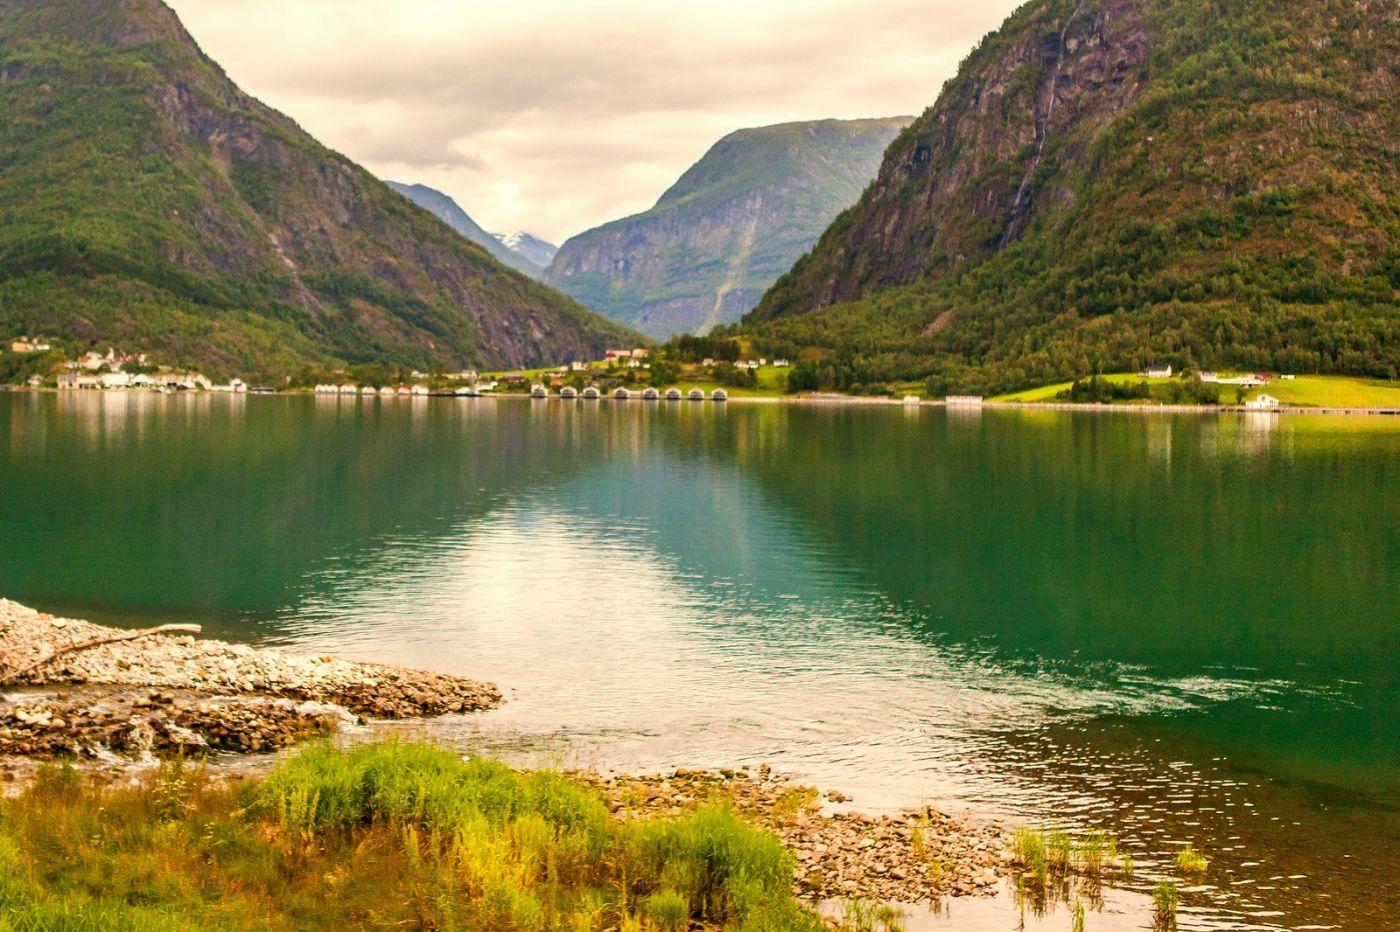 北欧风光,风景美如画_图1-14